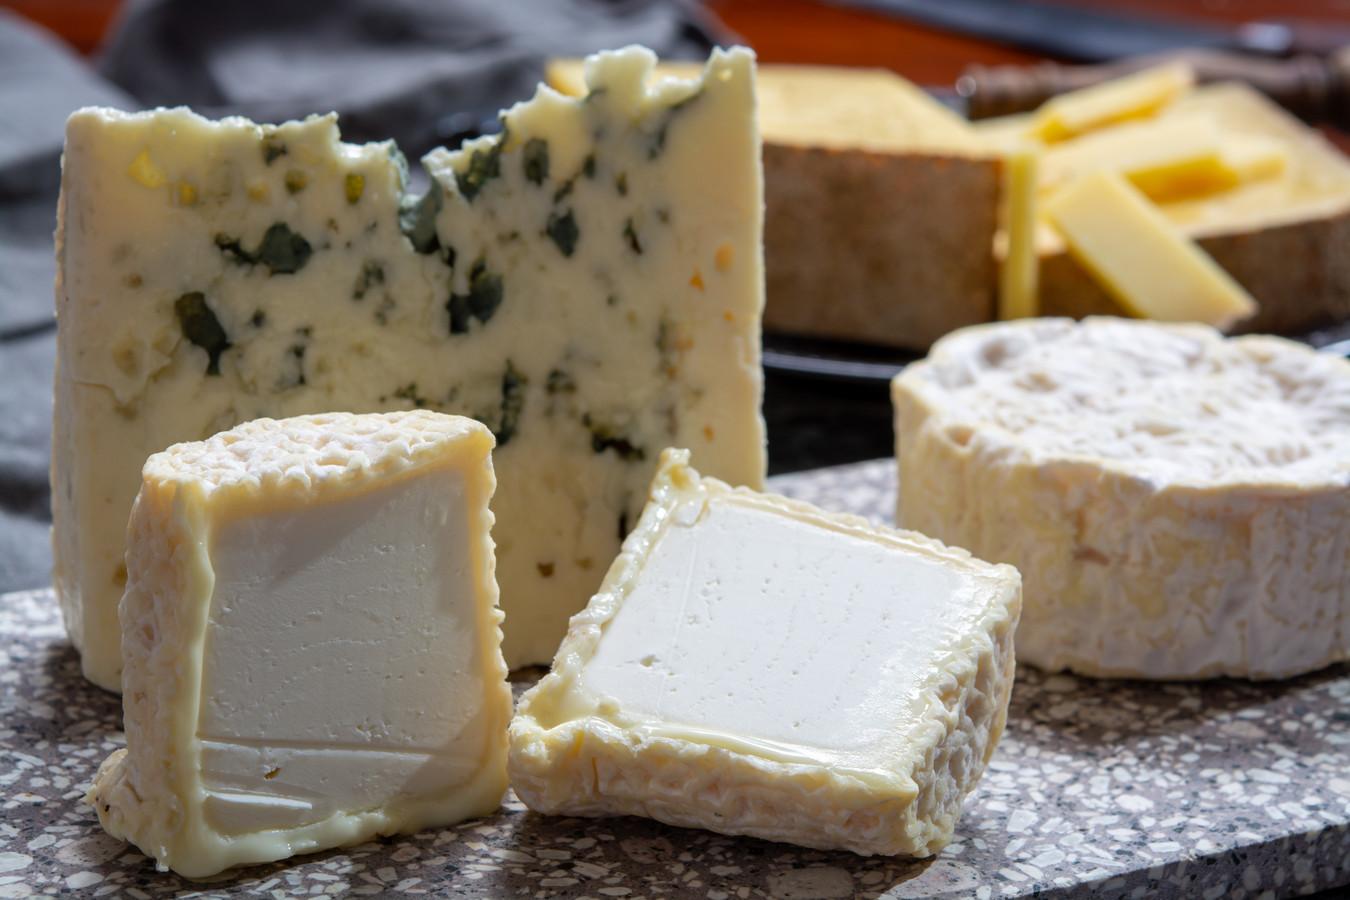 Franse kaasmakers kiezen vaak voor rauwe melk.